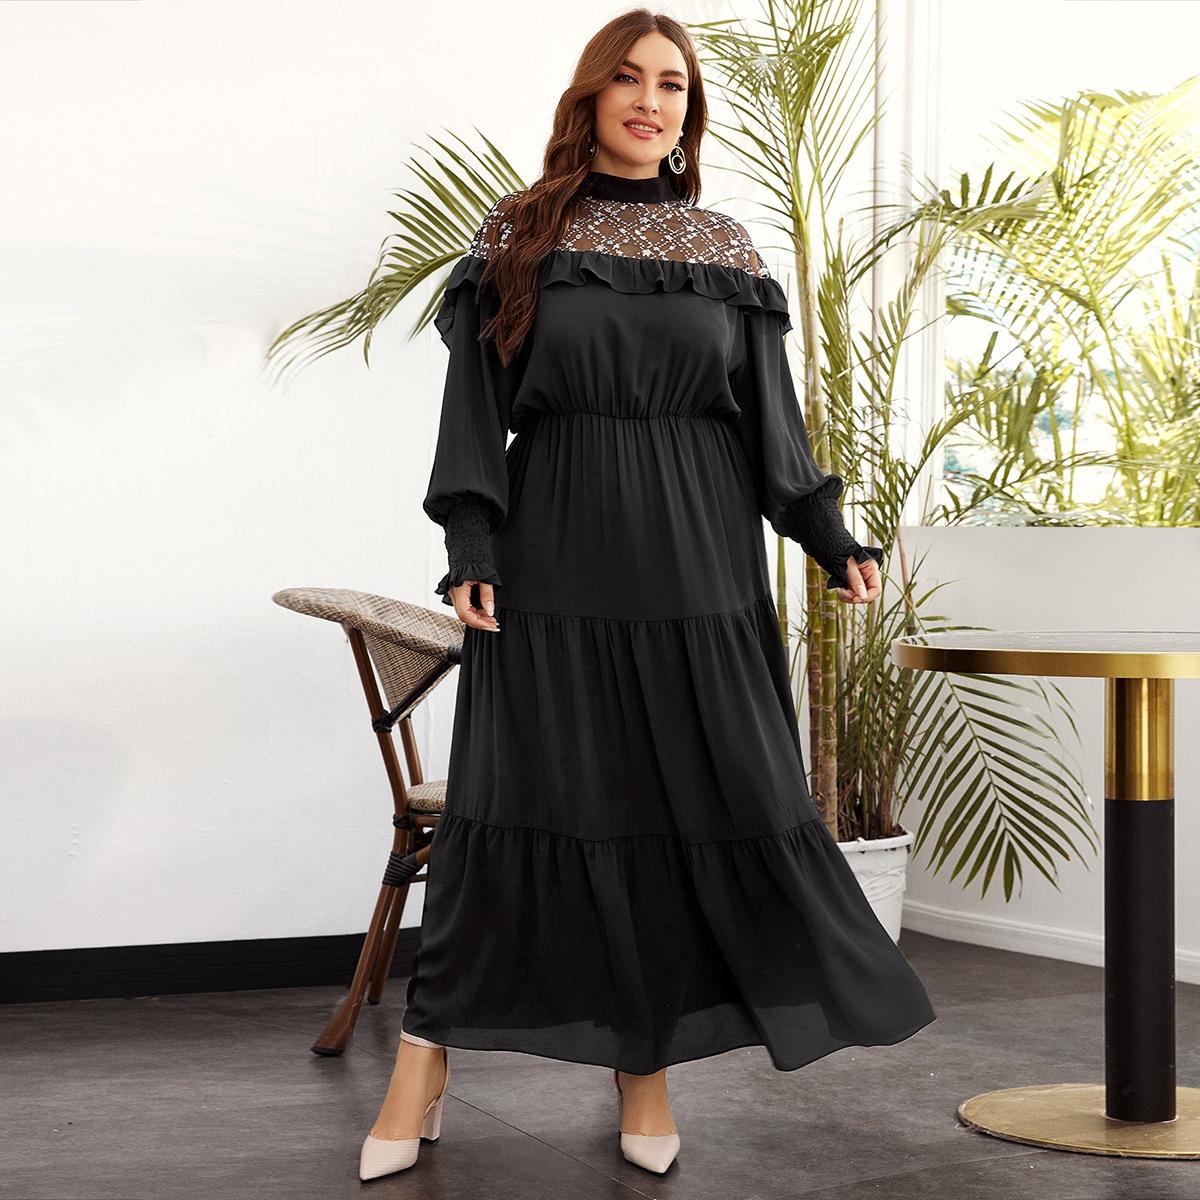 SHEIN / Kleid mit Pailletten Detail und transparenten Netzstoff